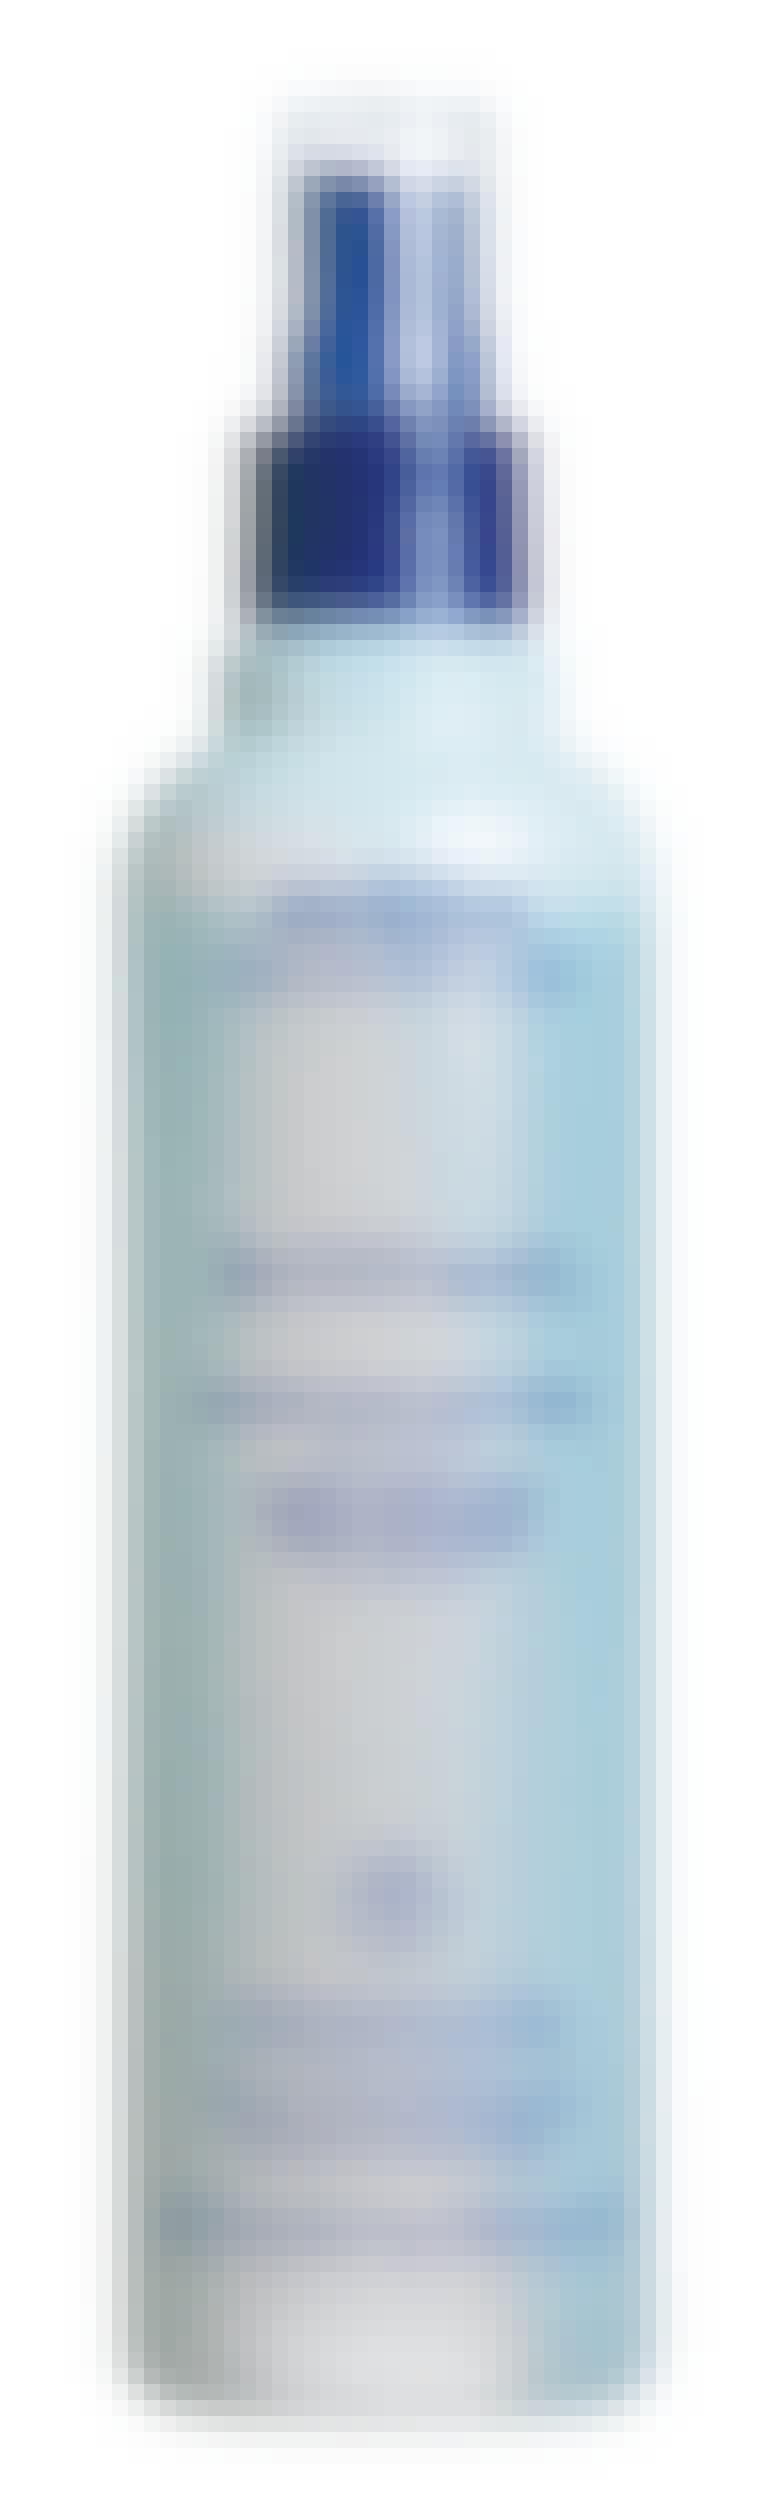 Brilliant medium hold hairspray fra Aveda til 190 kr.